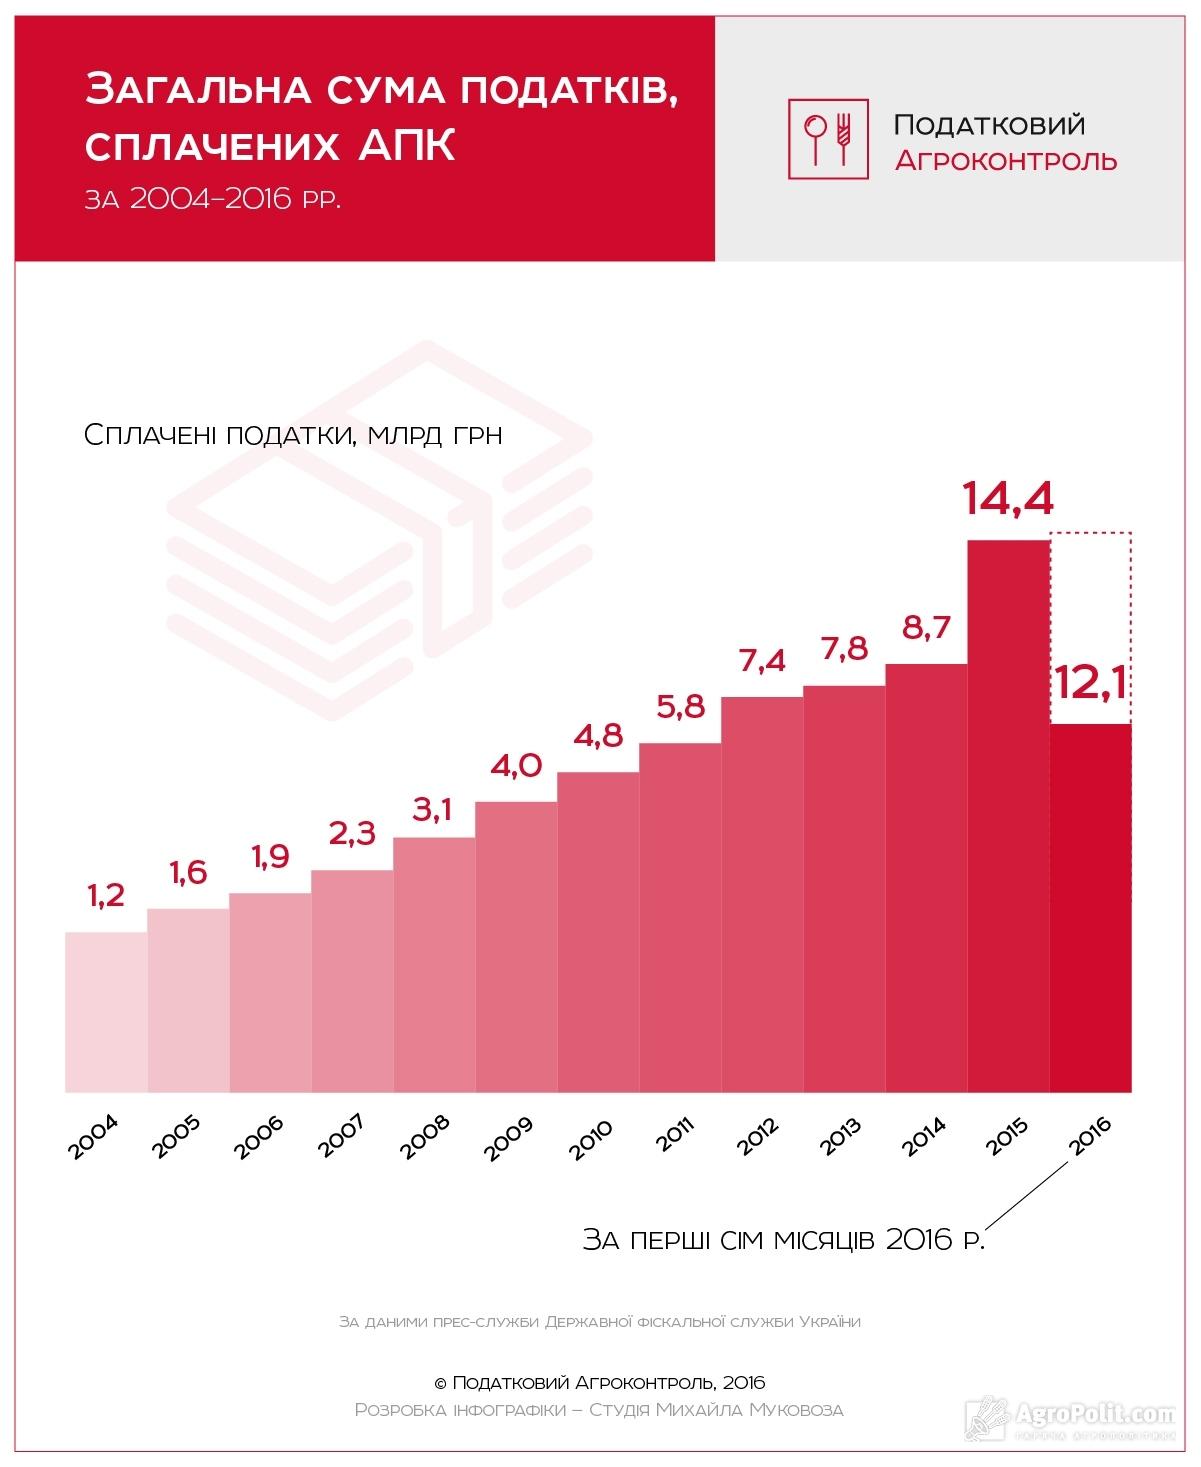 Общая сумма уплаченных налогов аграриями за 2004-2016 гг.